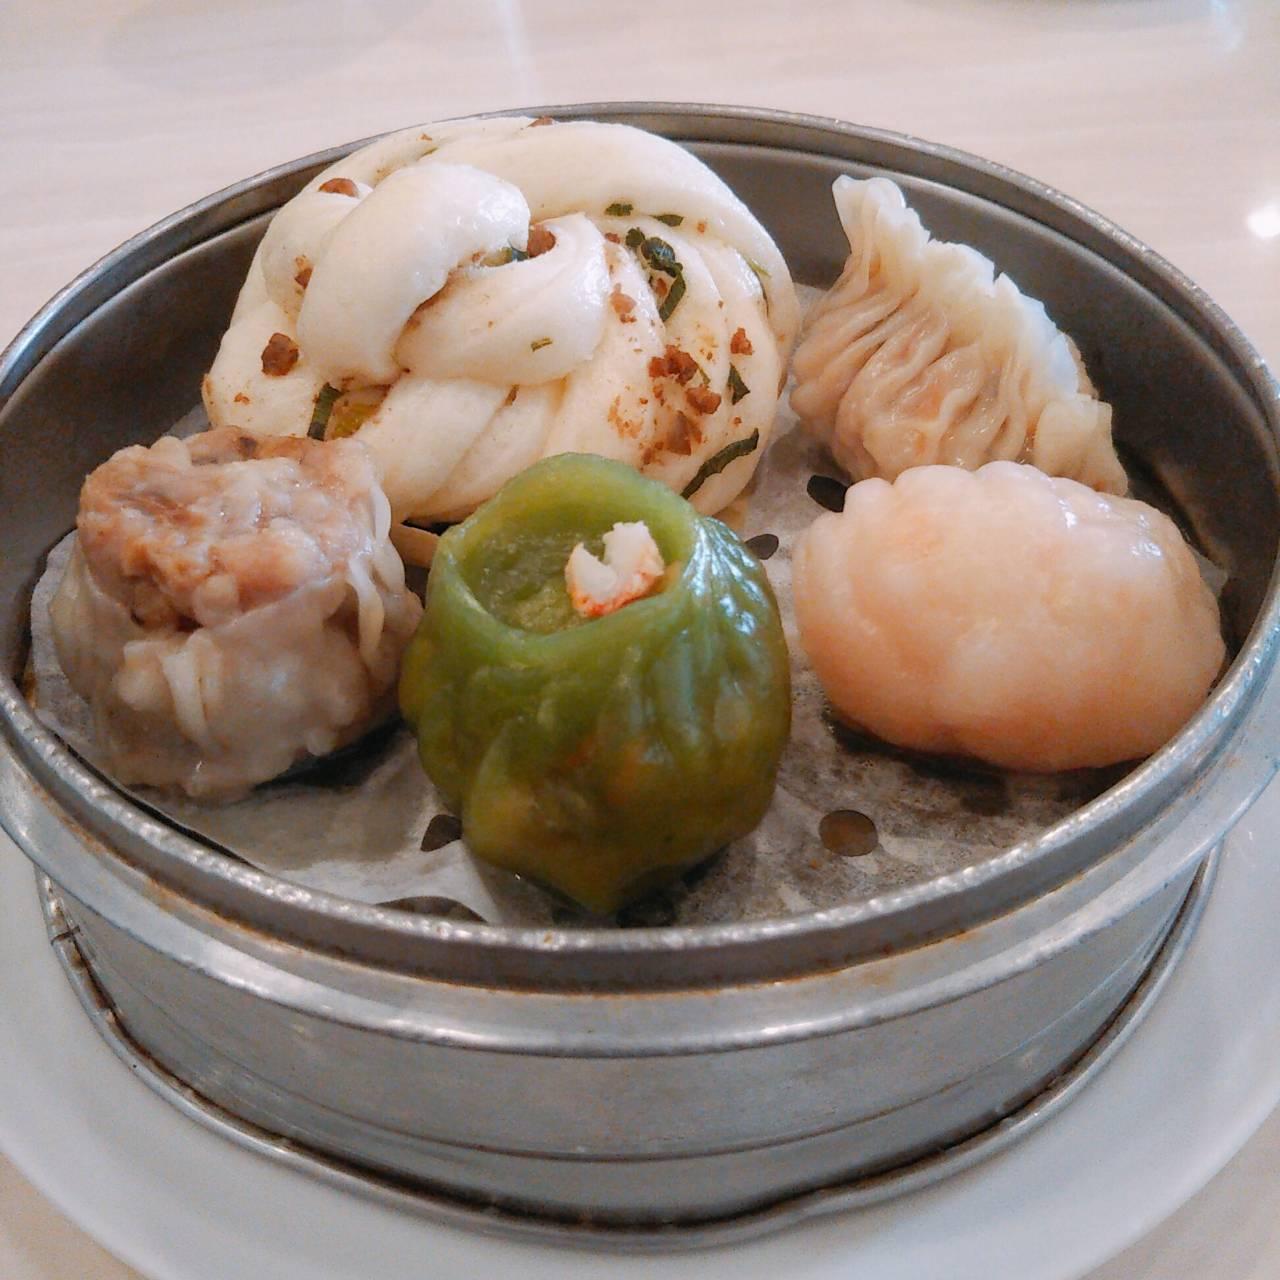 鯉川筋沿いにある 点心で評判の広東料理の名店『龍泉』